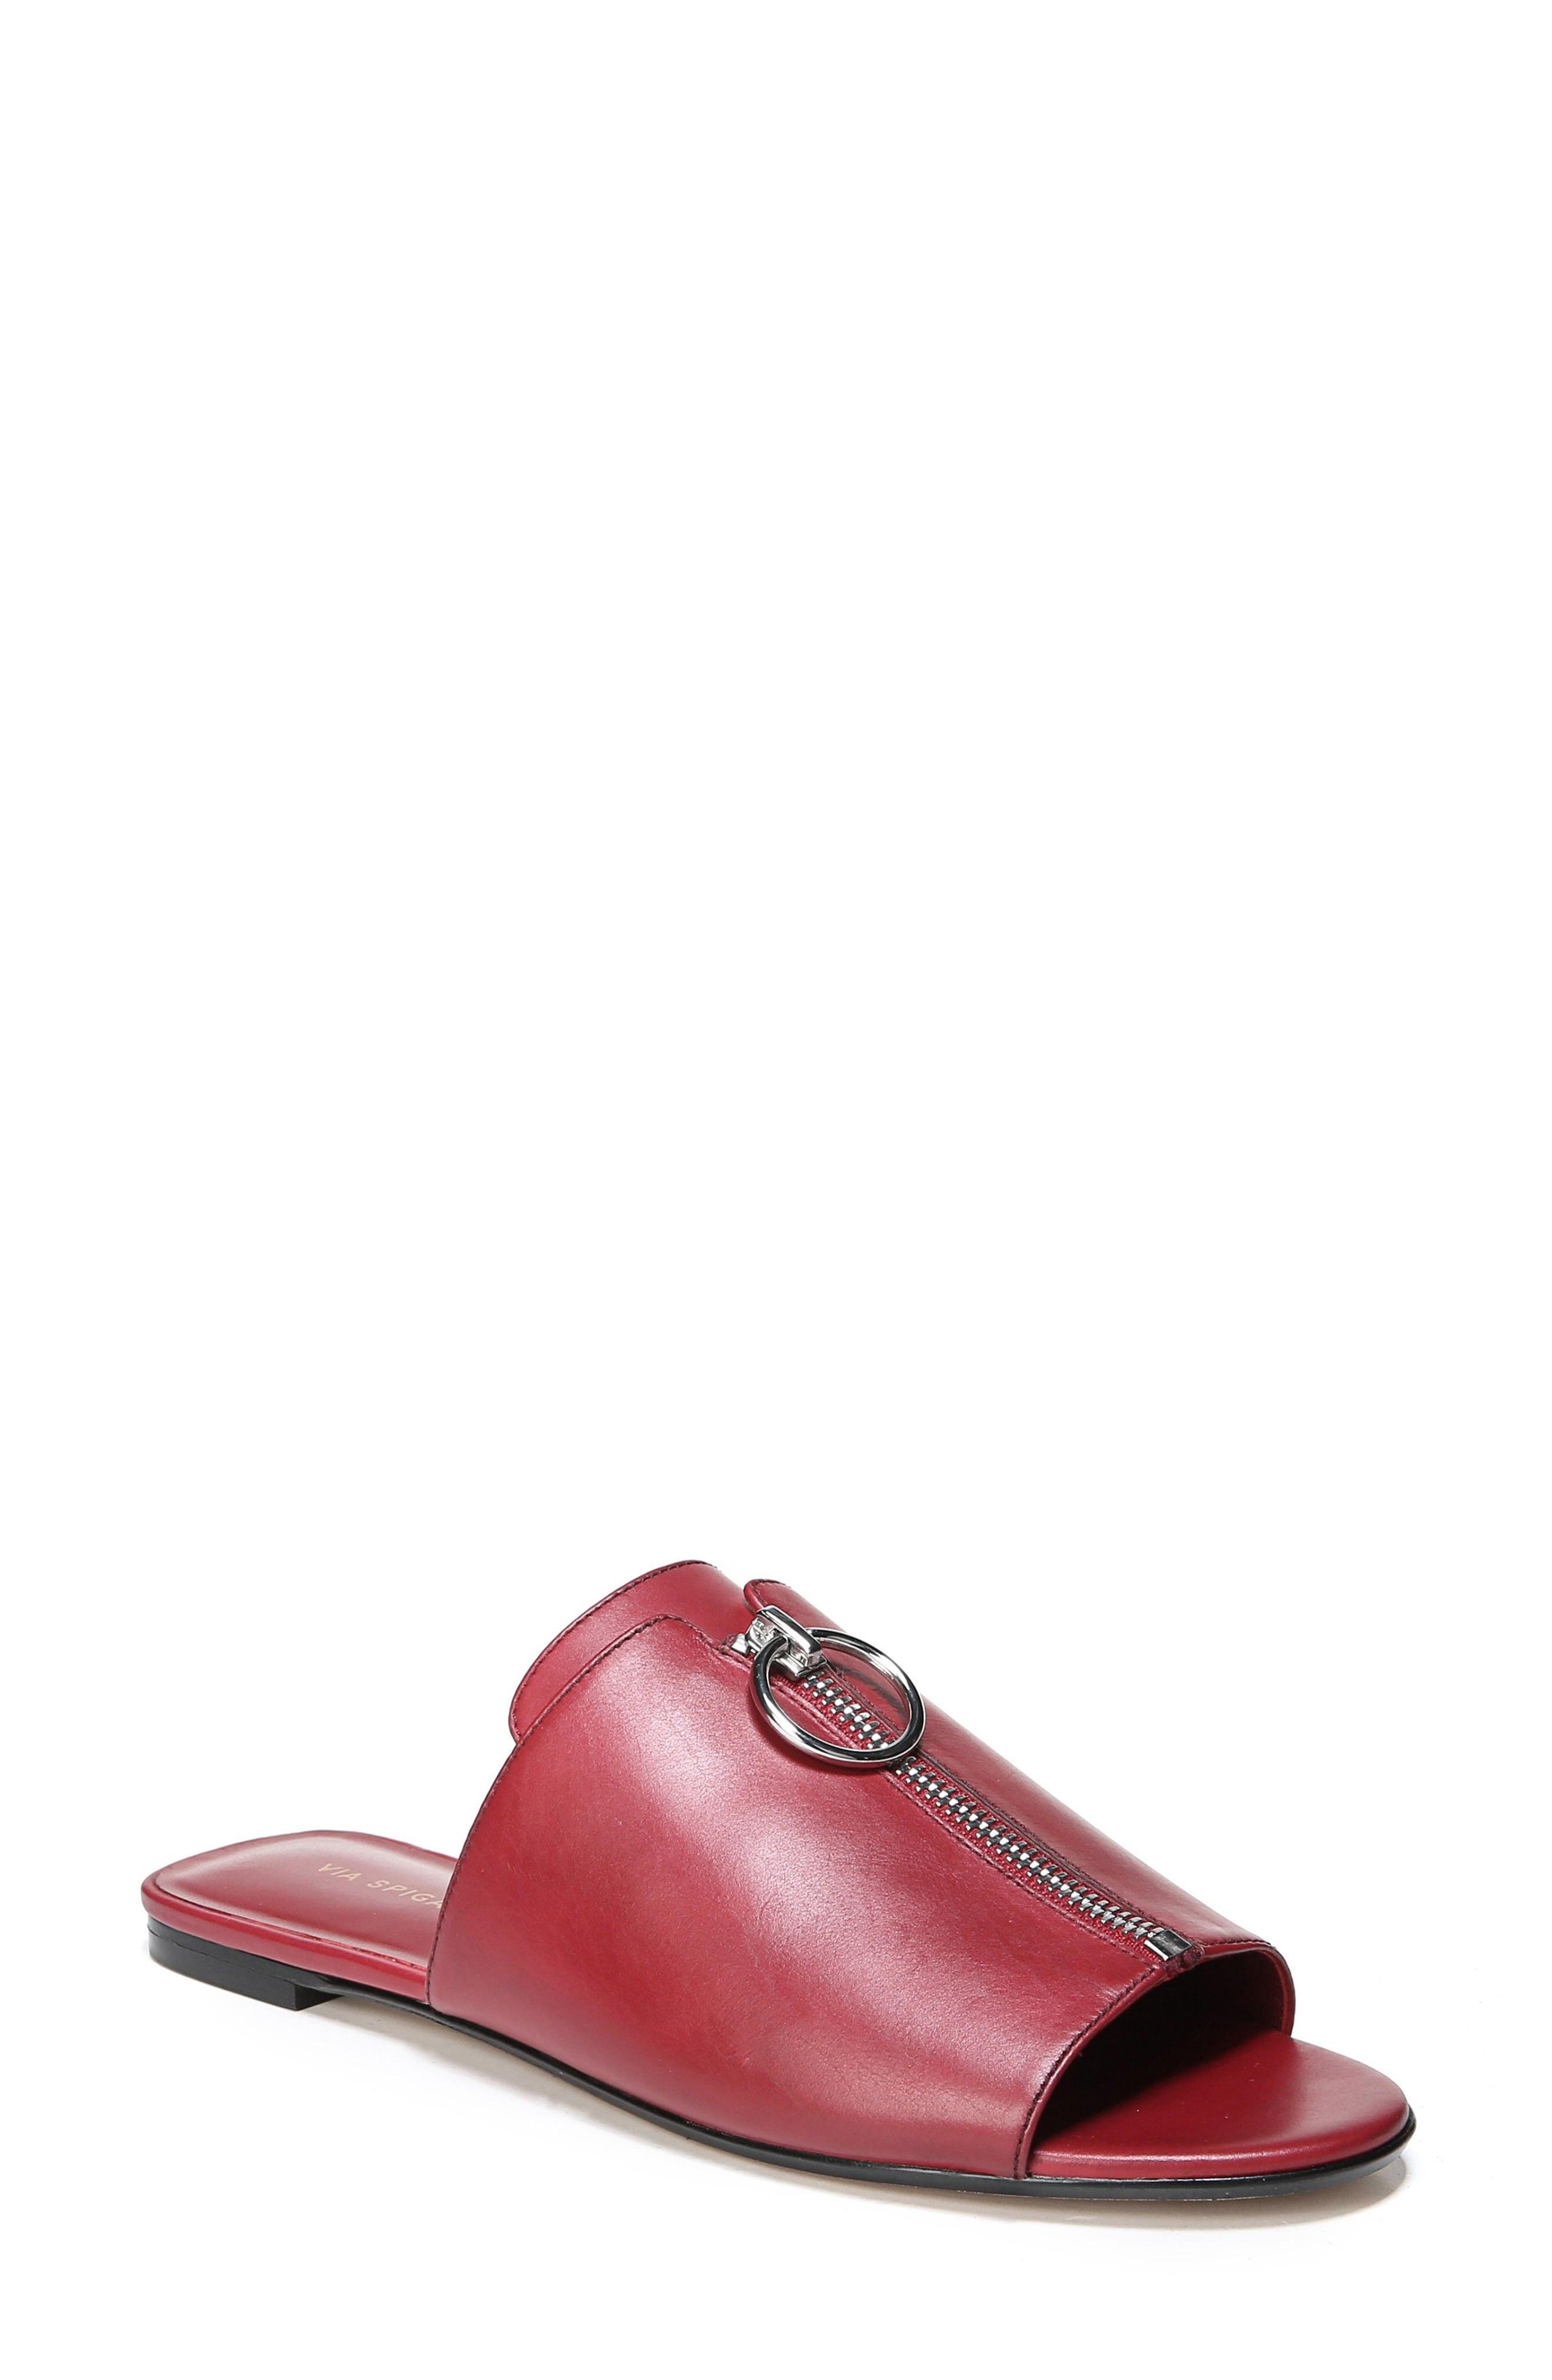 6c2666b7549 Via Spiga Hope Slide Sandal In Ruby Leather